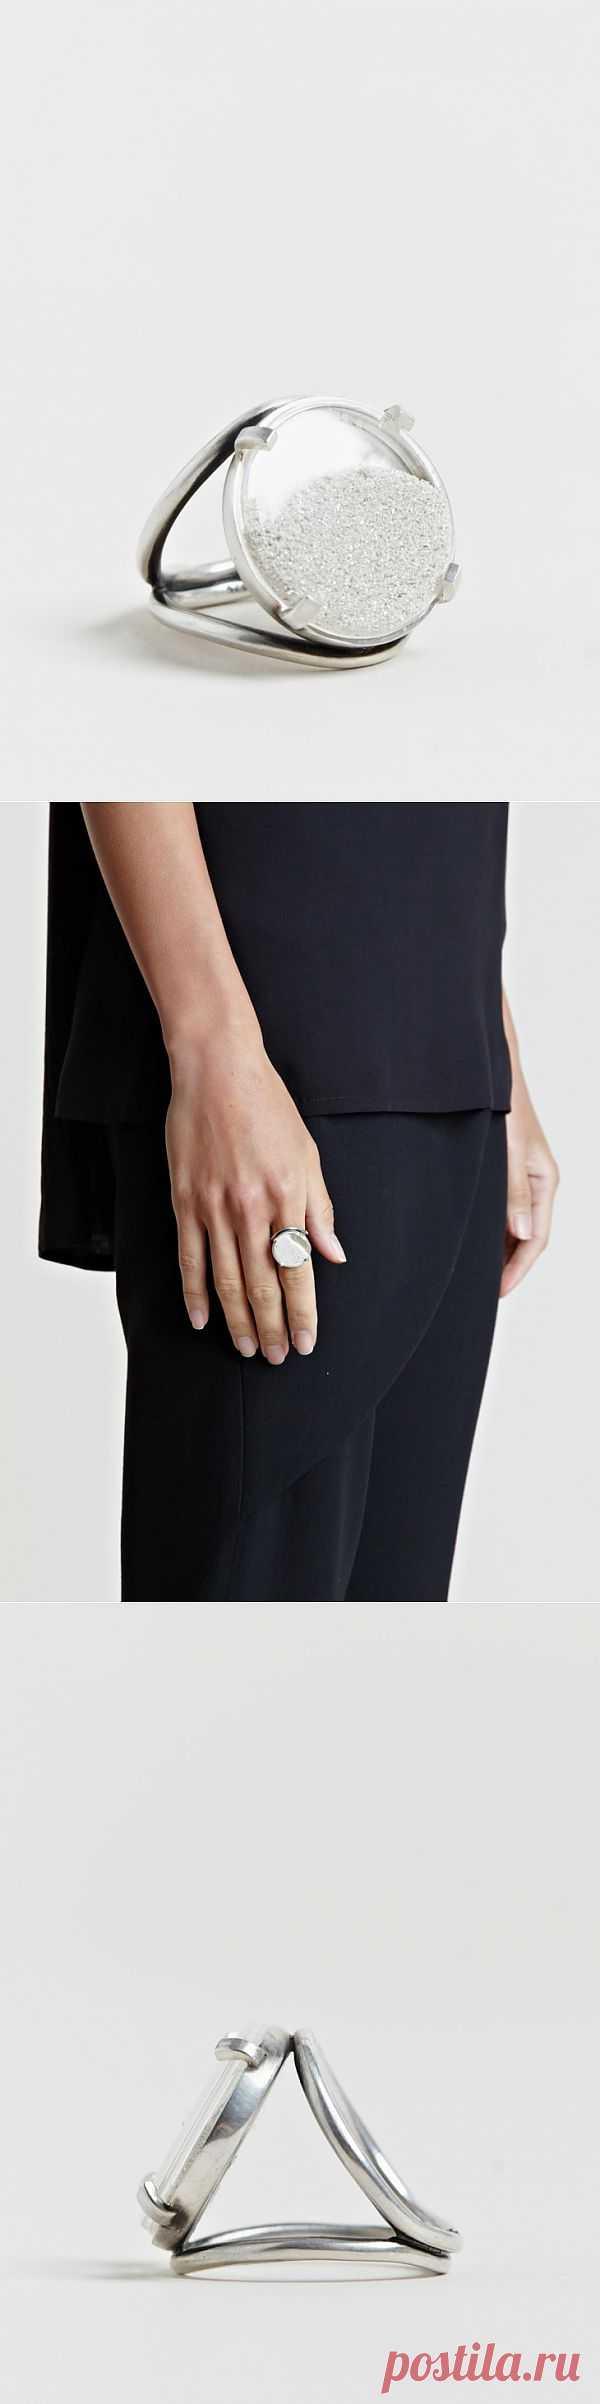 Стальное кольцо Ann Demeulmesteer / Украшения и бижутерия / Модный сайт о стильной переделке одежды и интерьера